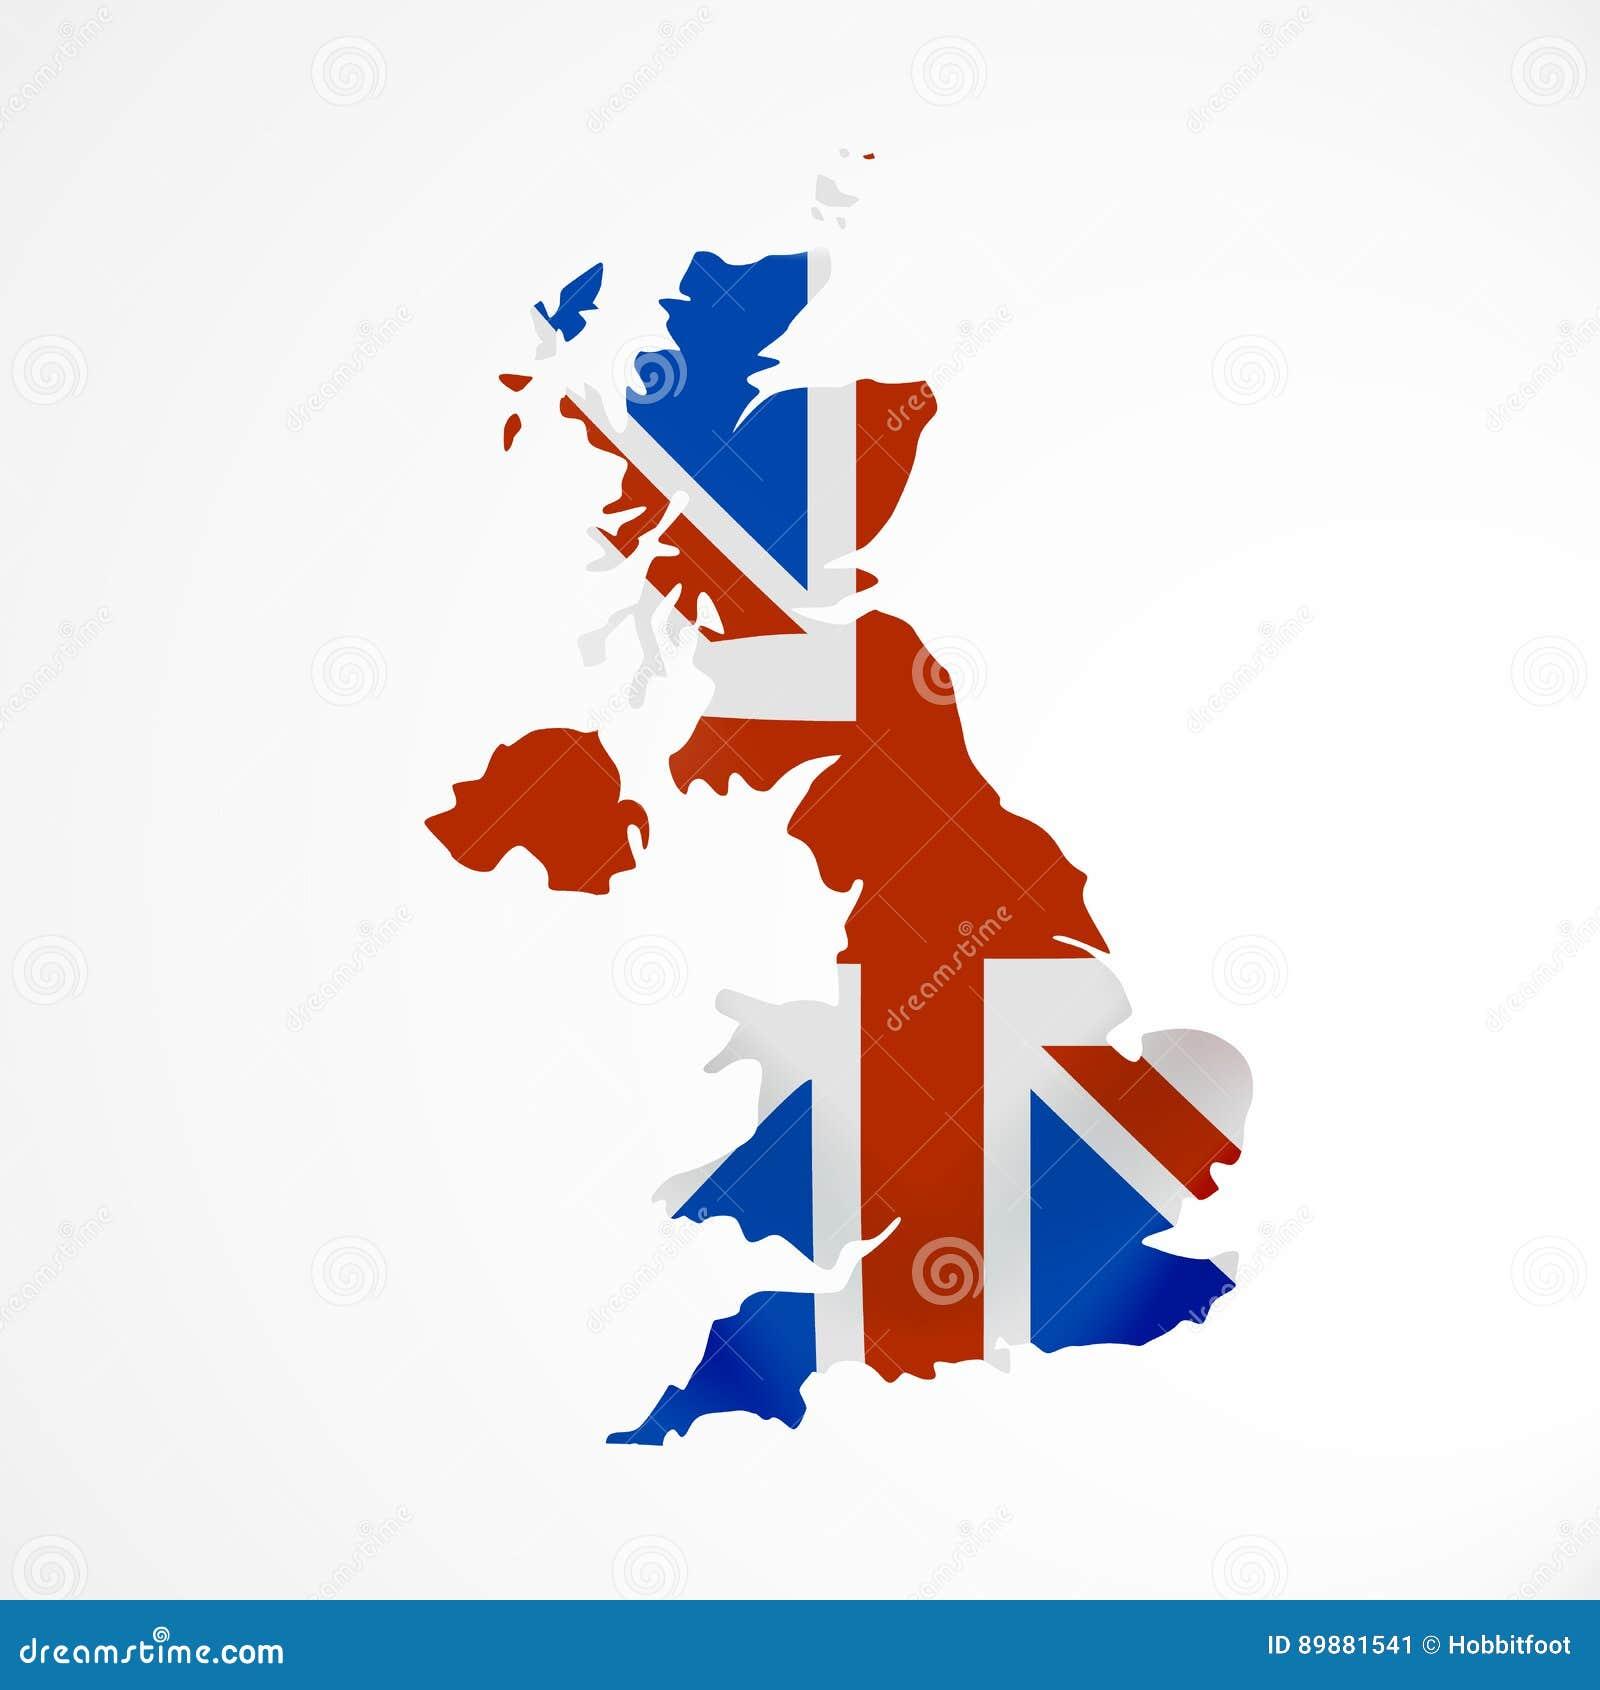 Immagini Della Cartina Della Gran Bretagna.Bandiera Della Gran Bretagna Nella Forma Di Mappa Il Regno Unito Di Gran Bretagna E Irlanda Del Nord Concetto Britannico Della Ba Illustrazione Vettoriale Illustrazione Di Background Bandiera 89881541